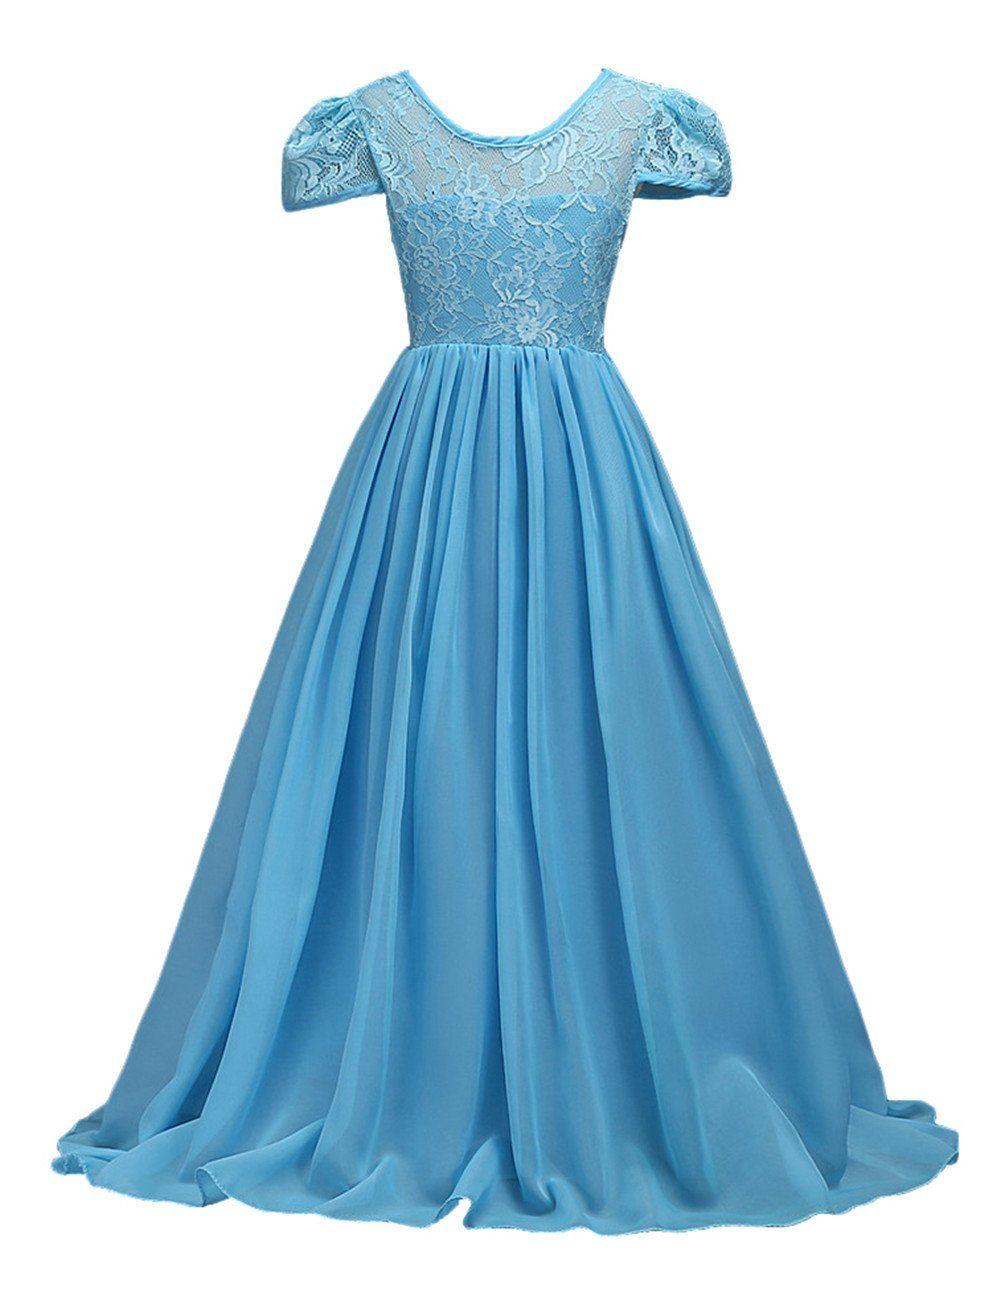 KDFSIN Girls Flower Lace Chiffon Long Party Wear Dresses Pageant ...